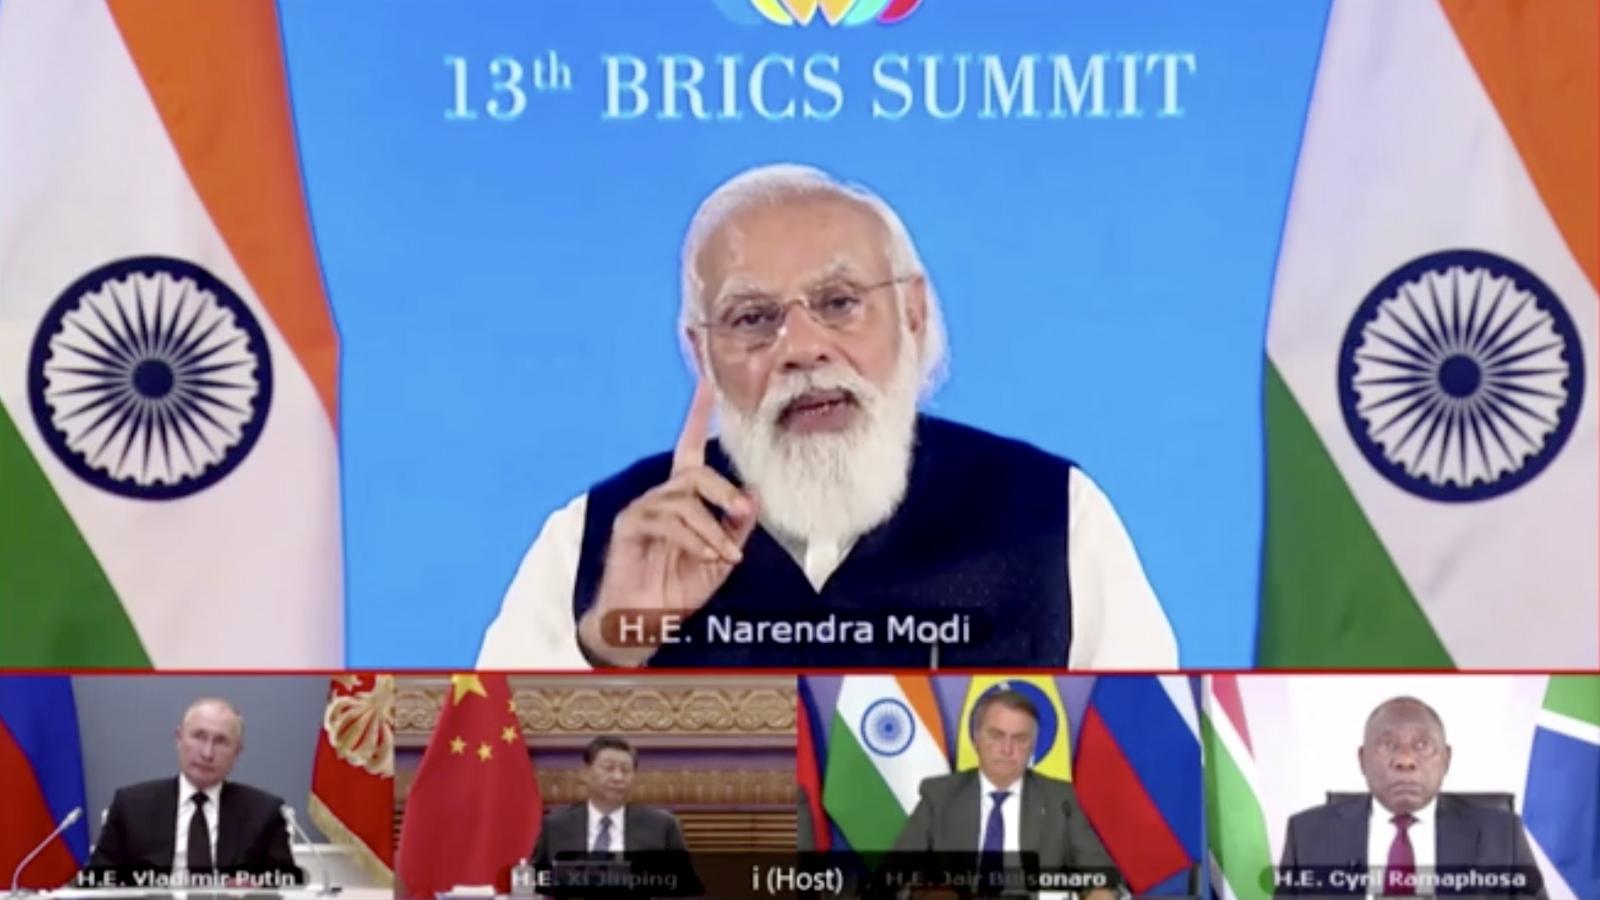 Lãnh đạo BRICS quyết chống khủng bố, ngăn chặn Covid-19